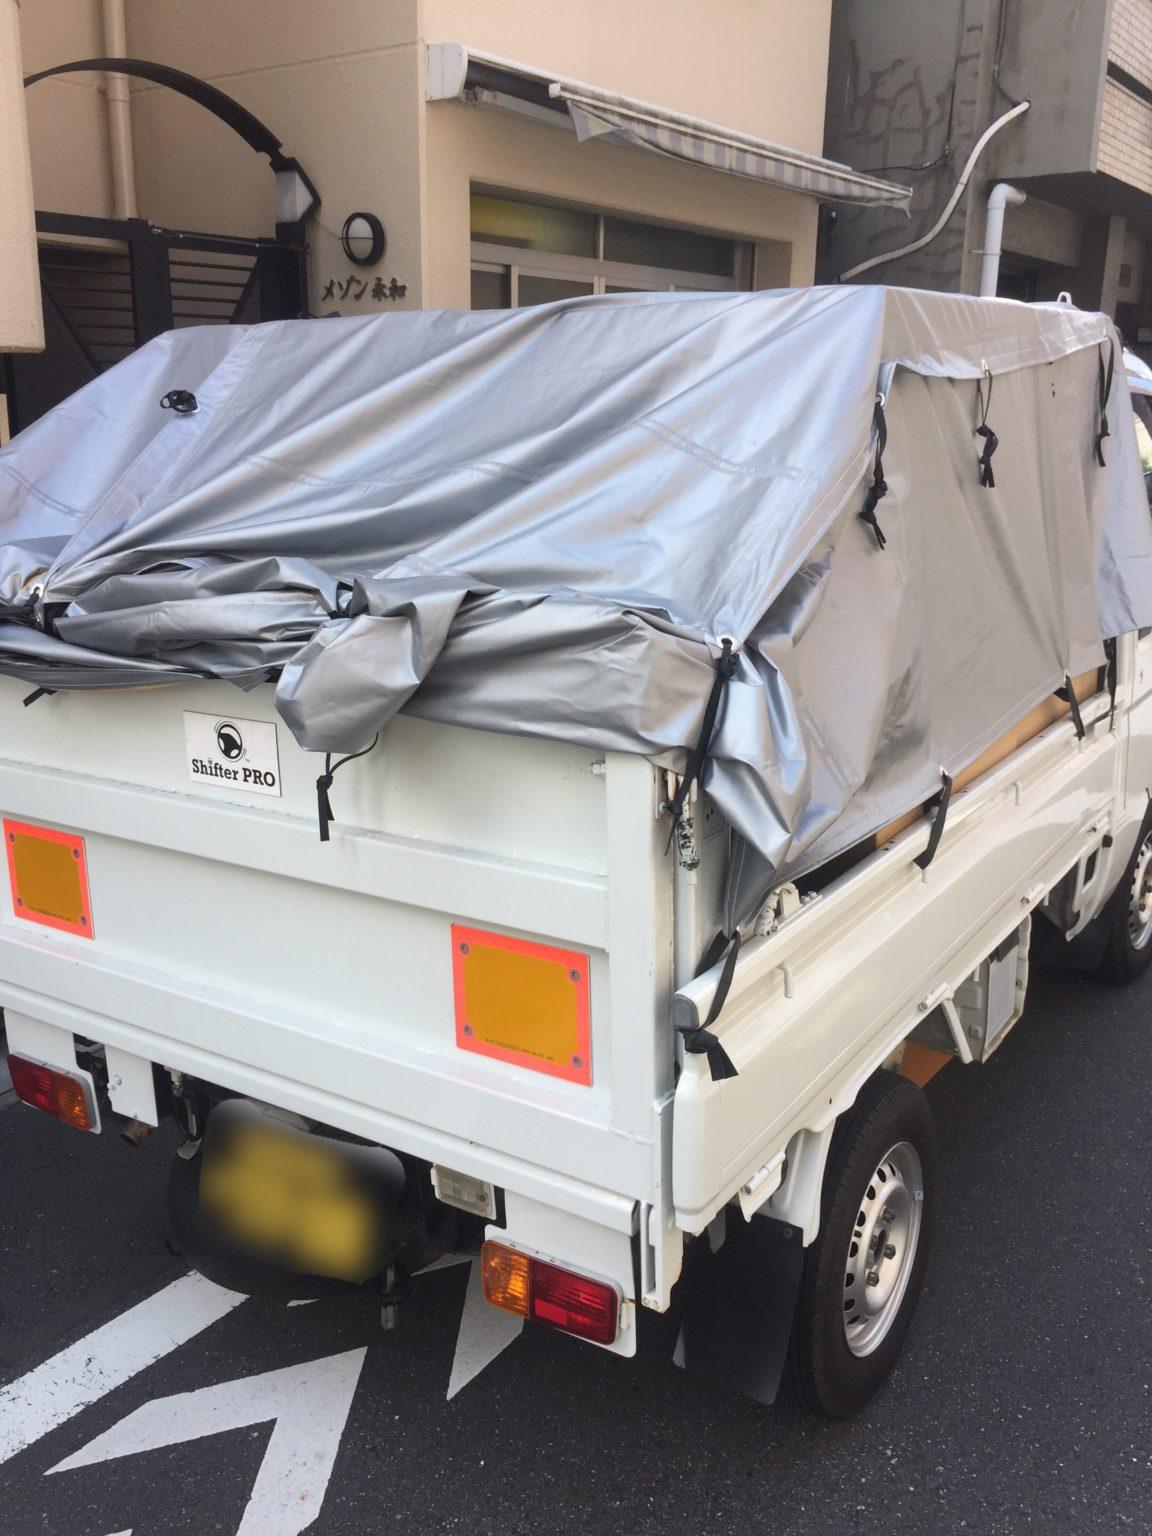 軽貨物で重量物輸送 【軽貨物運送の検証ブログ】